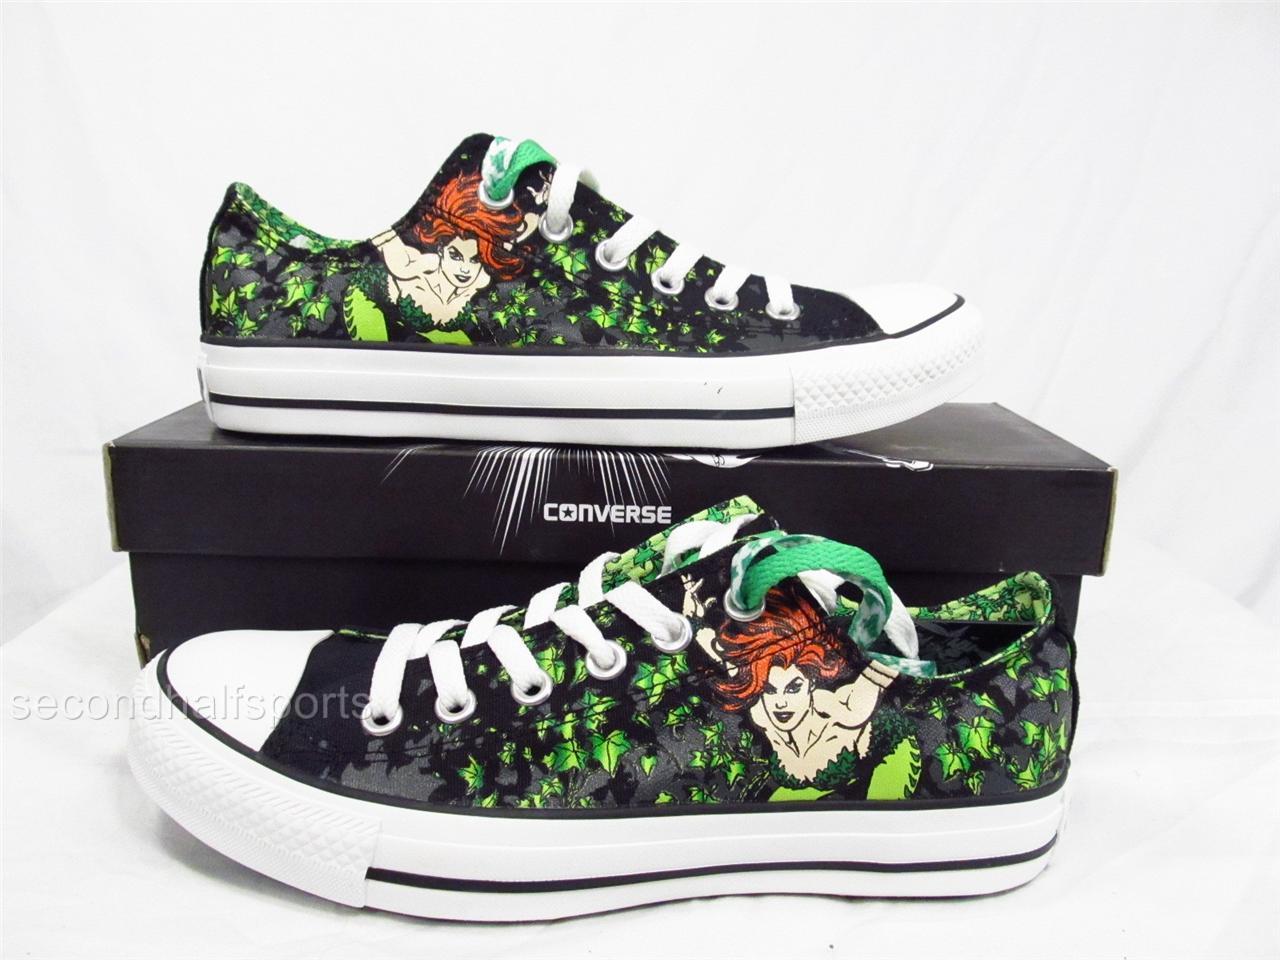 f7ec5ef8bac27d Converse BATMAN POISON IVY Chuck Taylor All Star Shoes DC Comics ...